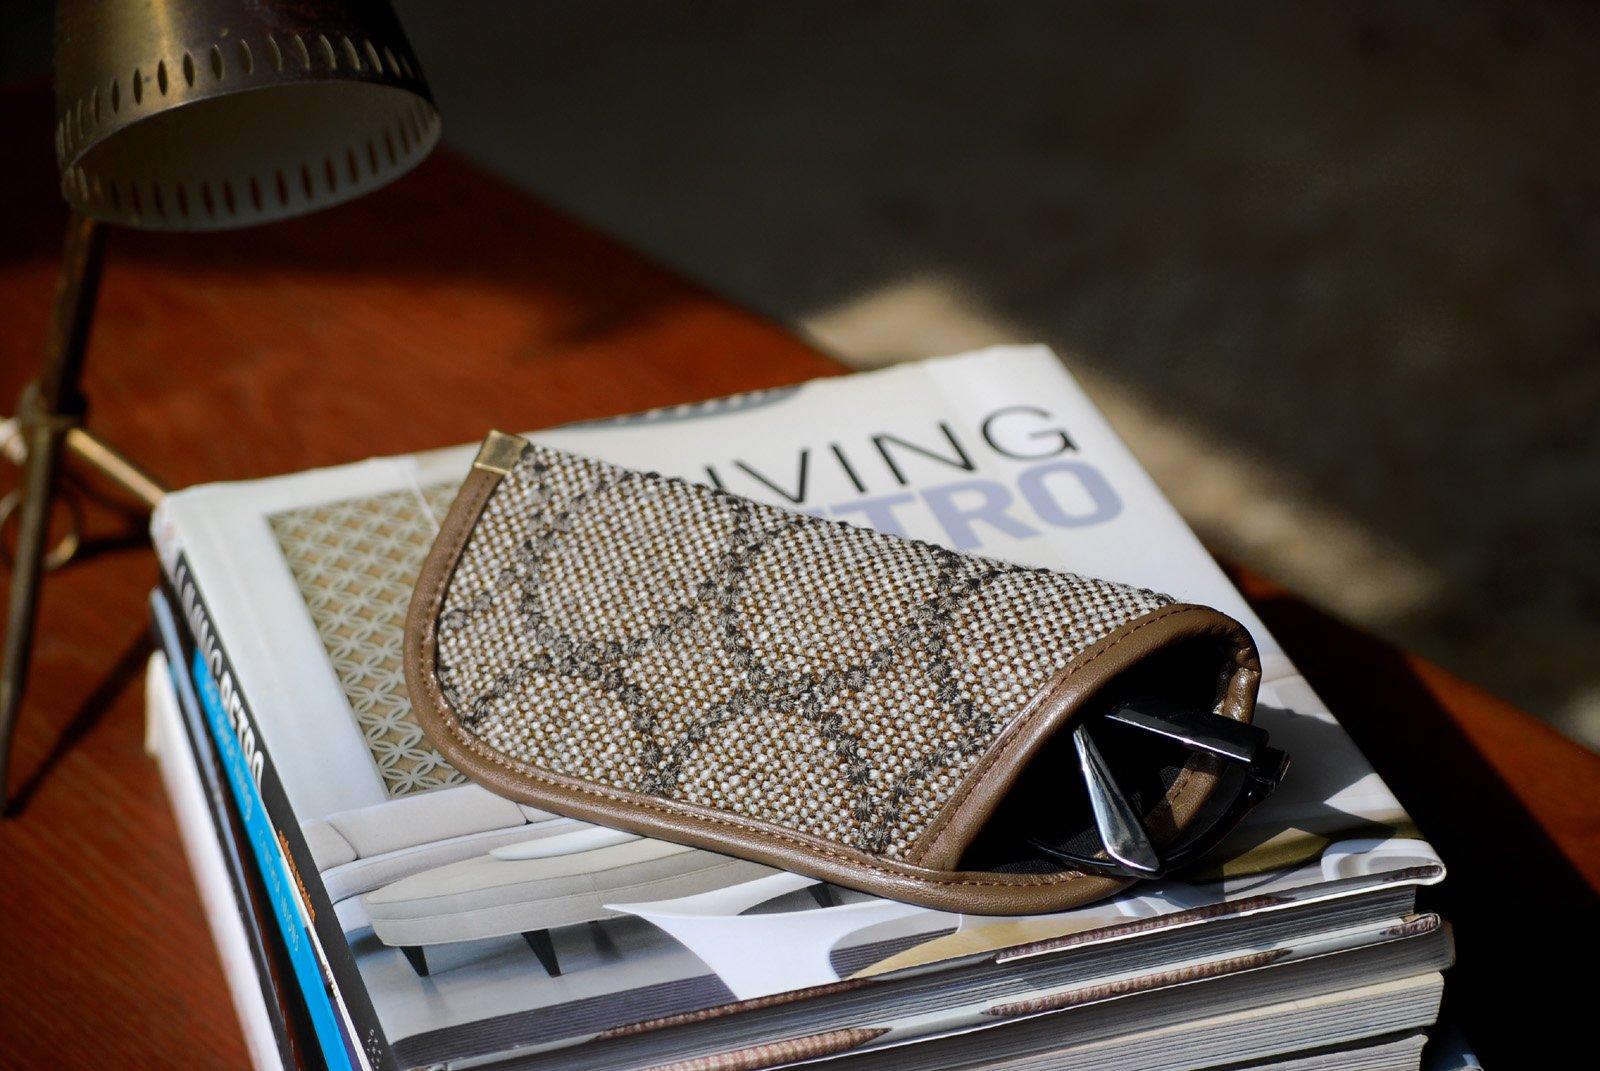 デンマーク、クヴァドラ社「mina perhonenミナペルホネン」の皆川明氏がデザインした生地を使用したメガネケース 278ベージュ スリム 北欧 かわいい おしゃれ 北欧 タンバリン プレゼント